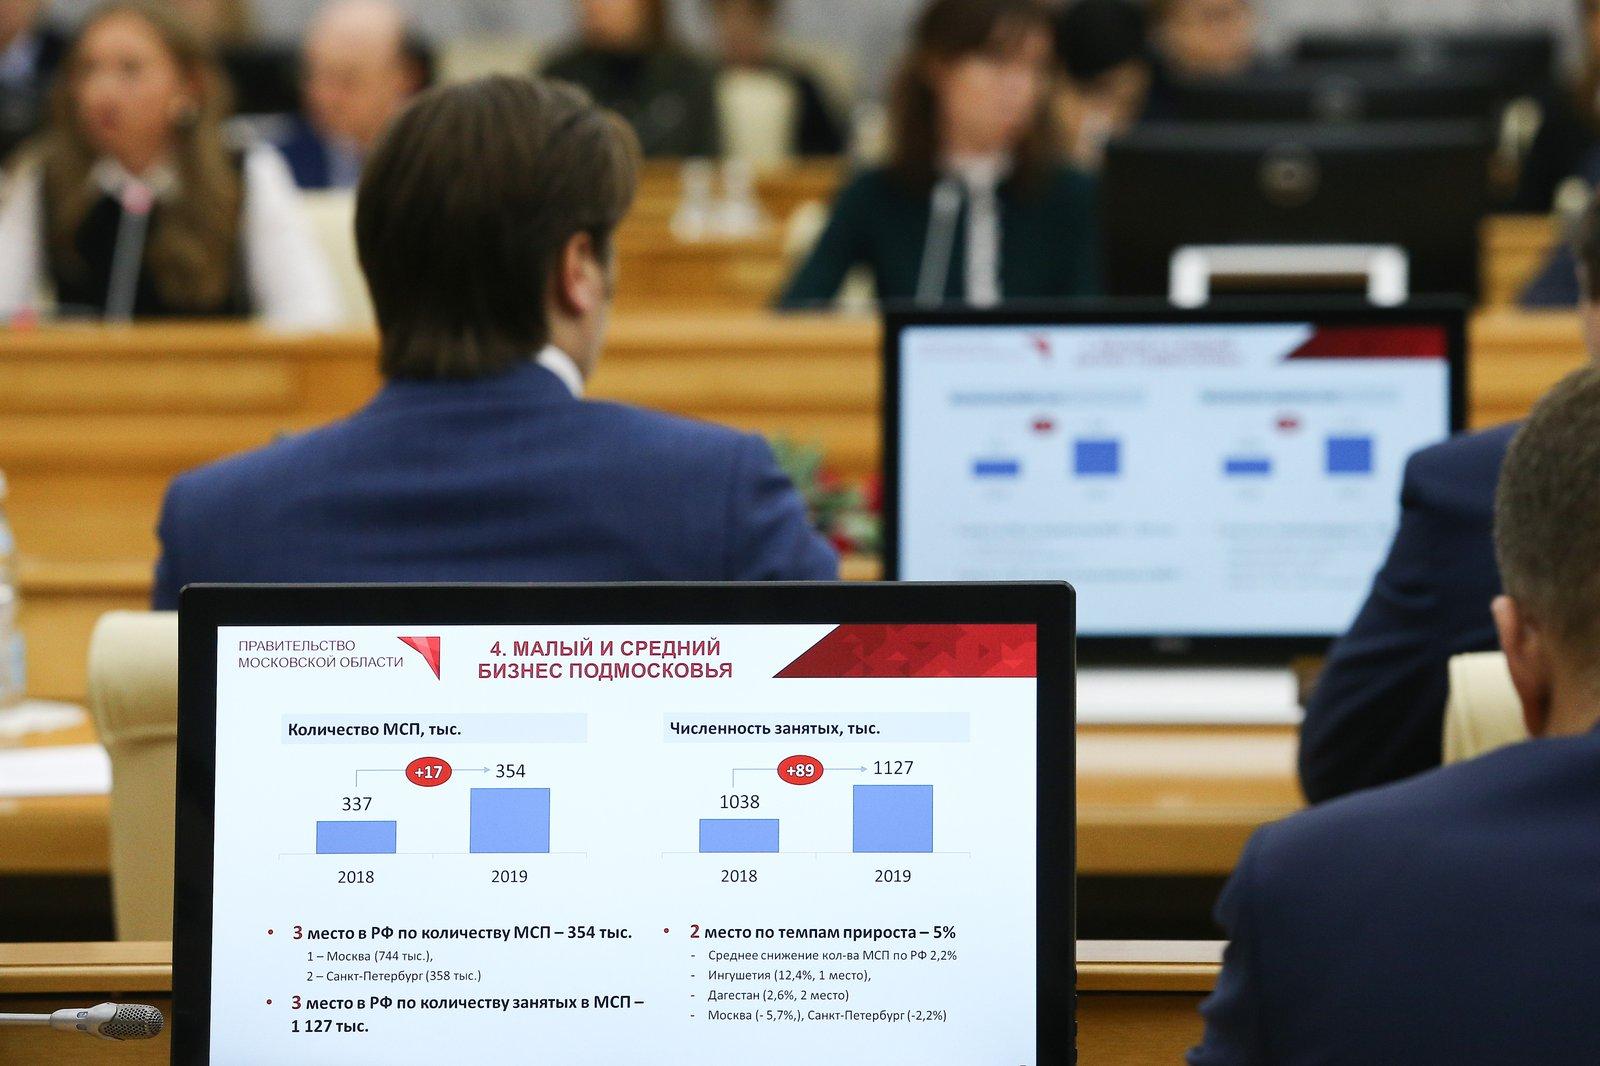 Андрей Воробьев губернатор московской области - Экономика, инвестиции, внимание к людям. Что обсудили на заседании правительства